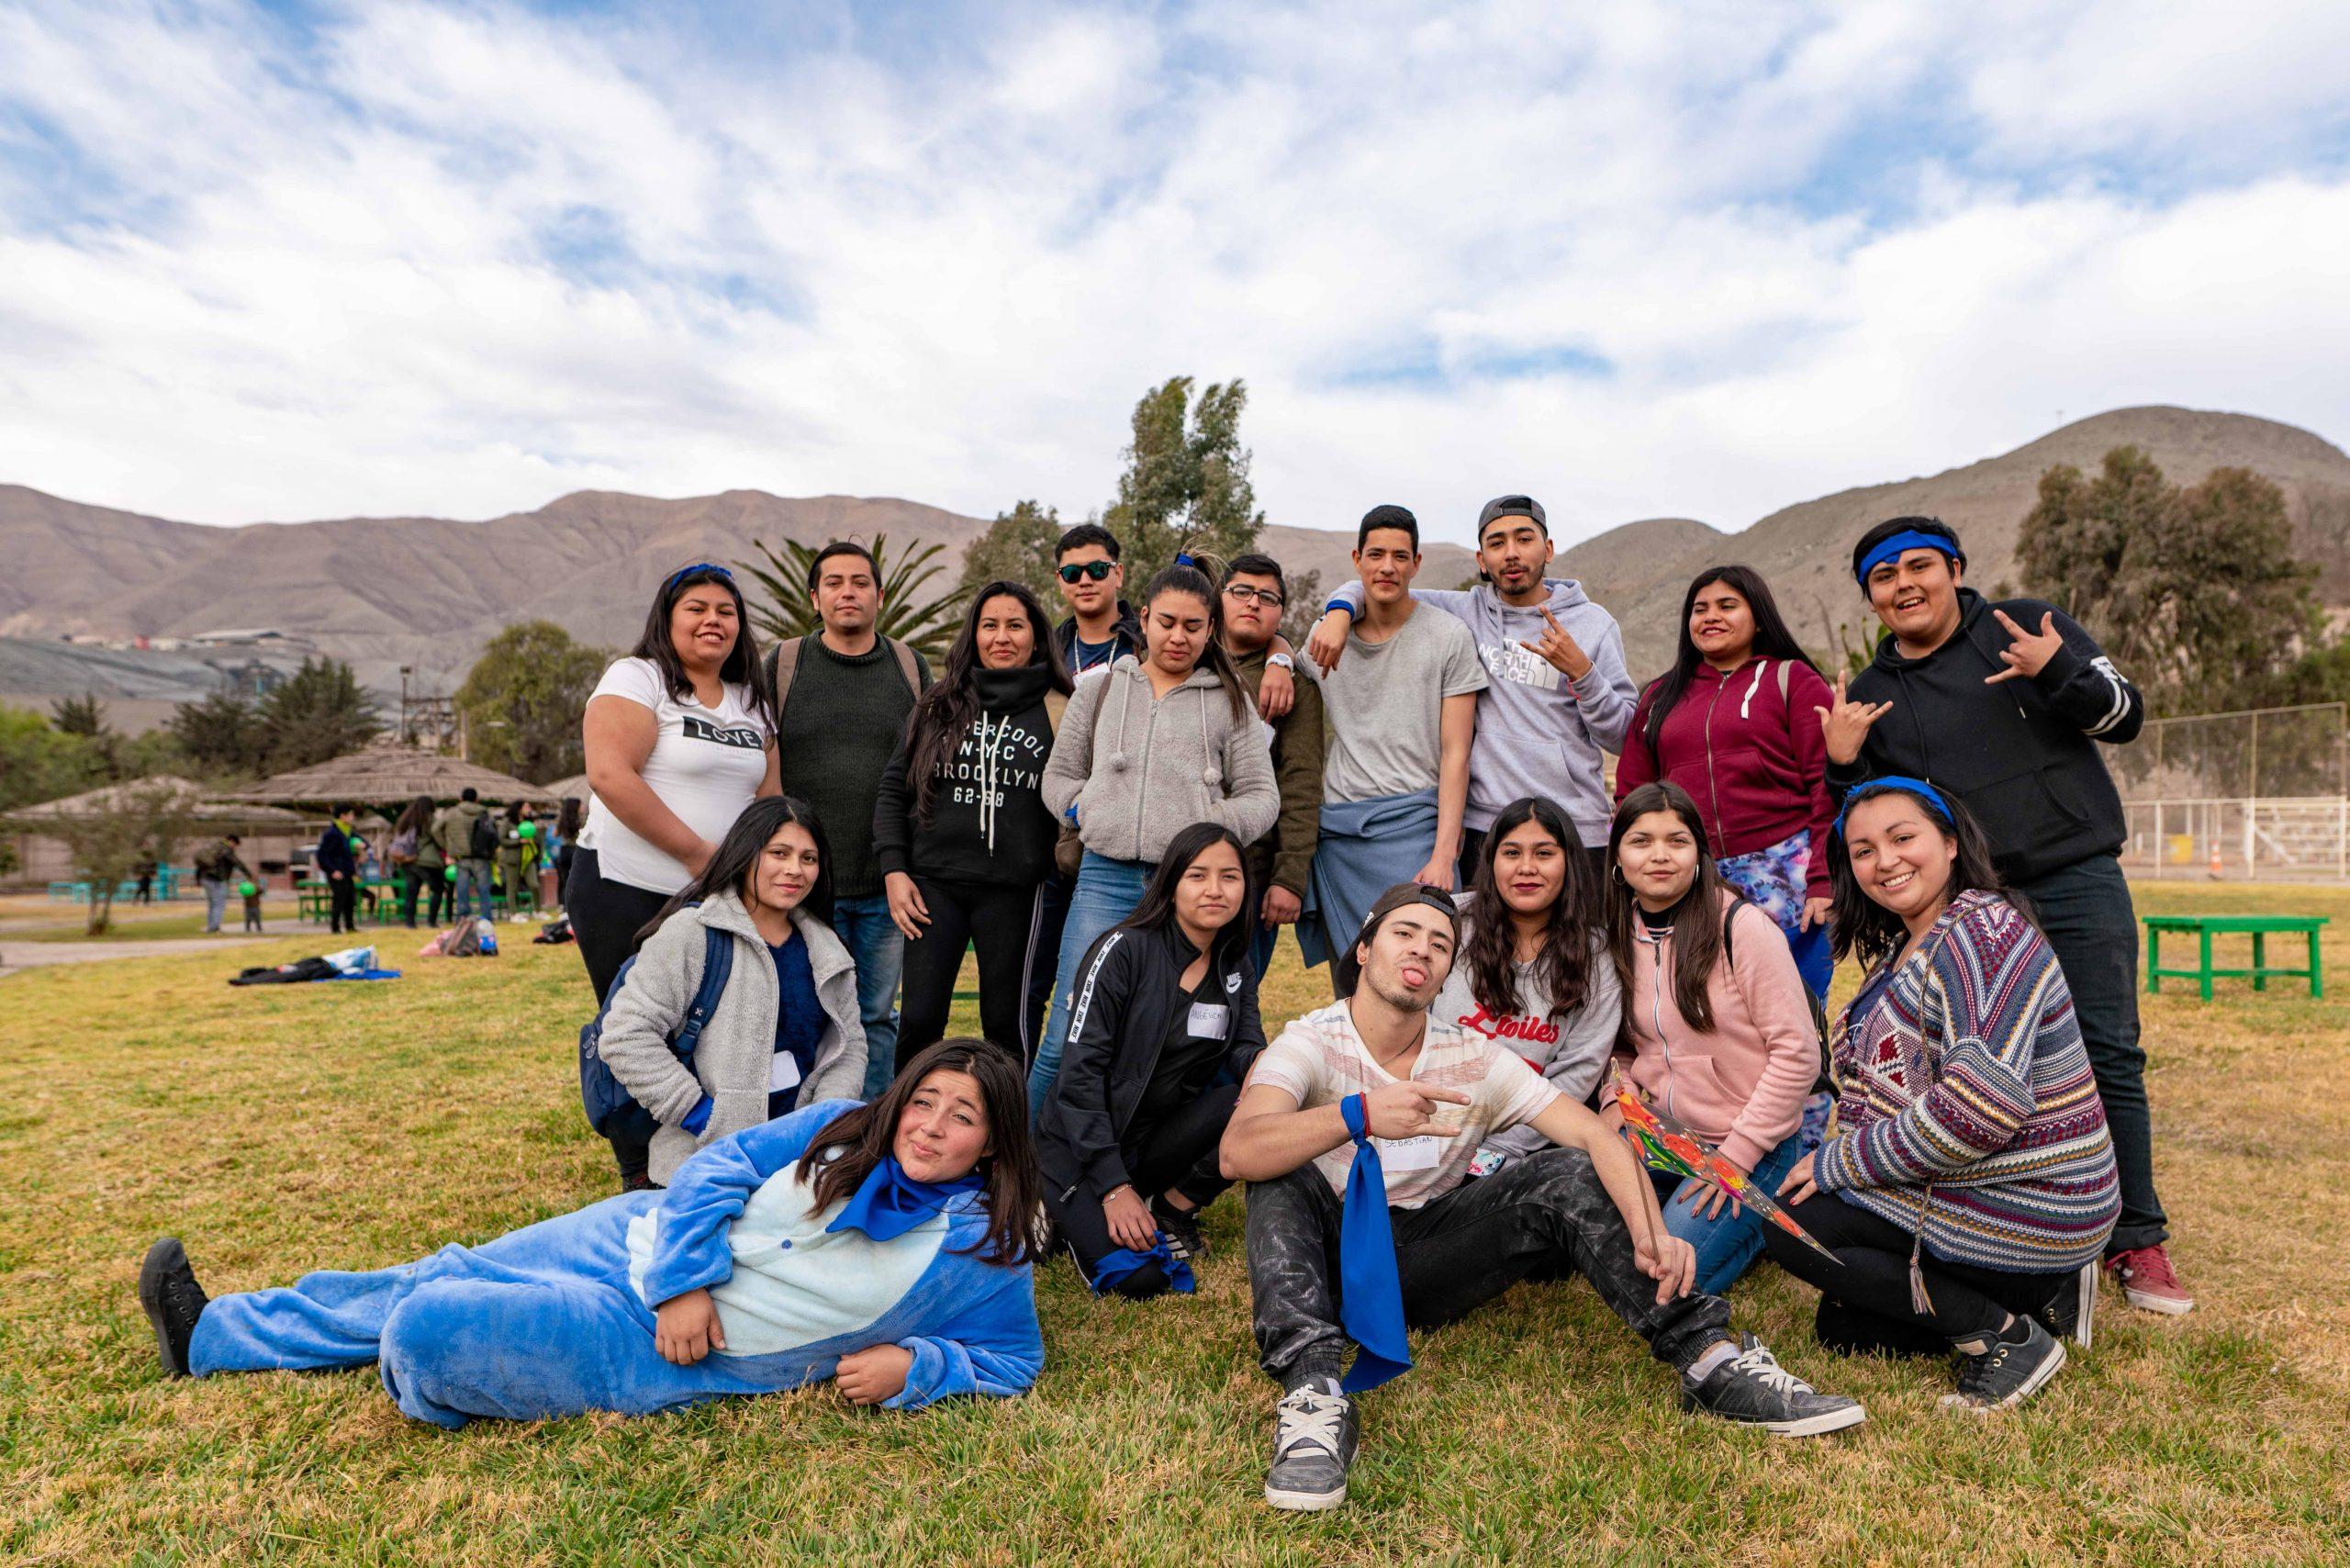 Beca minera Candelaria apoya a jóvenes de pueblos originarios